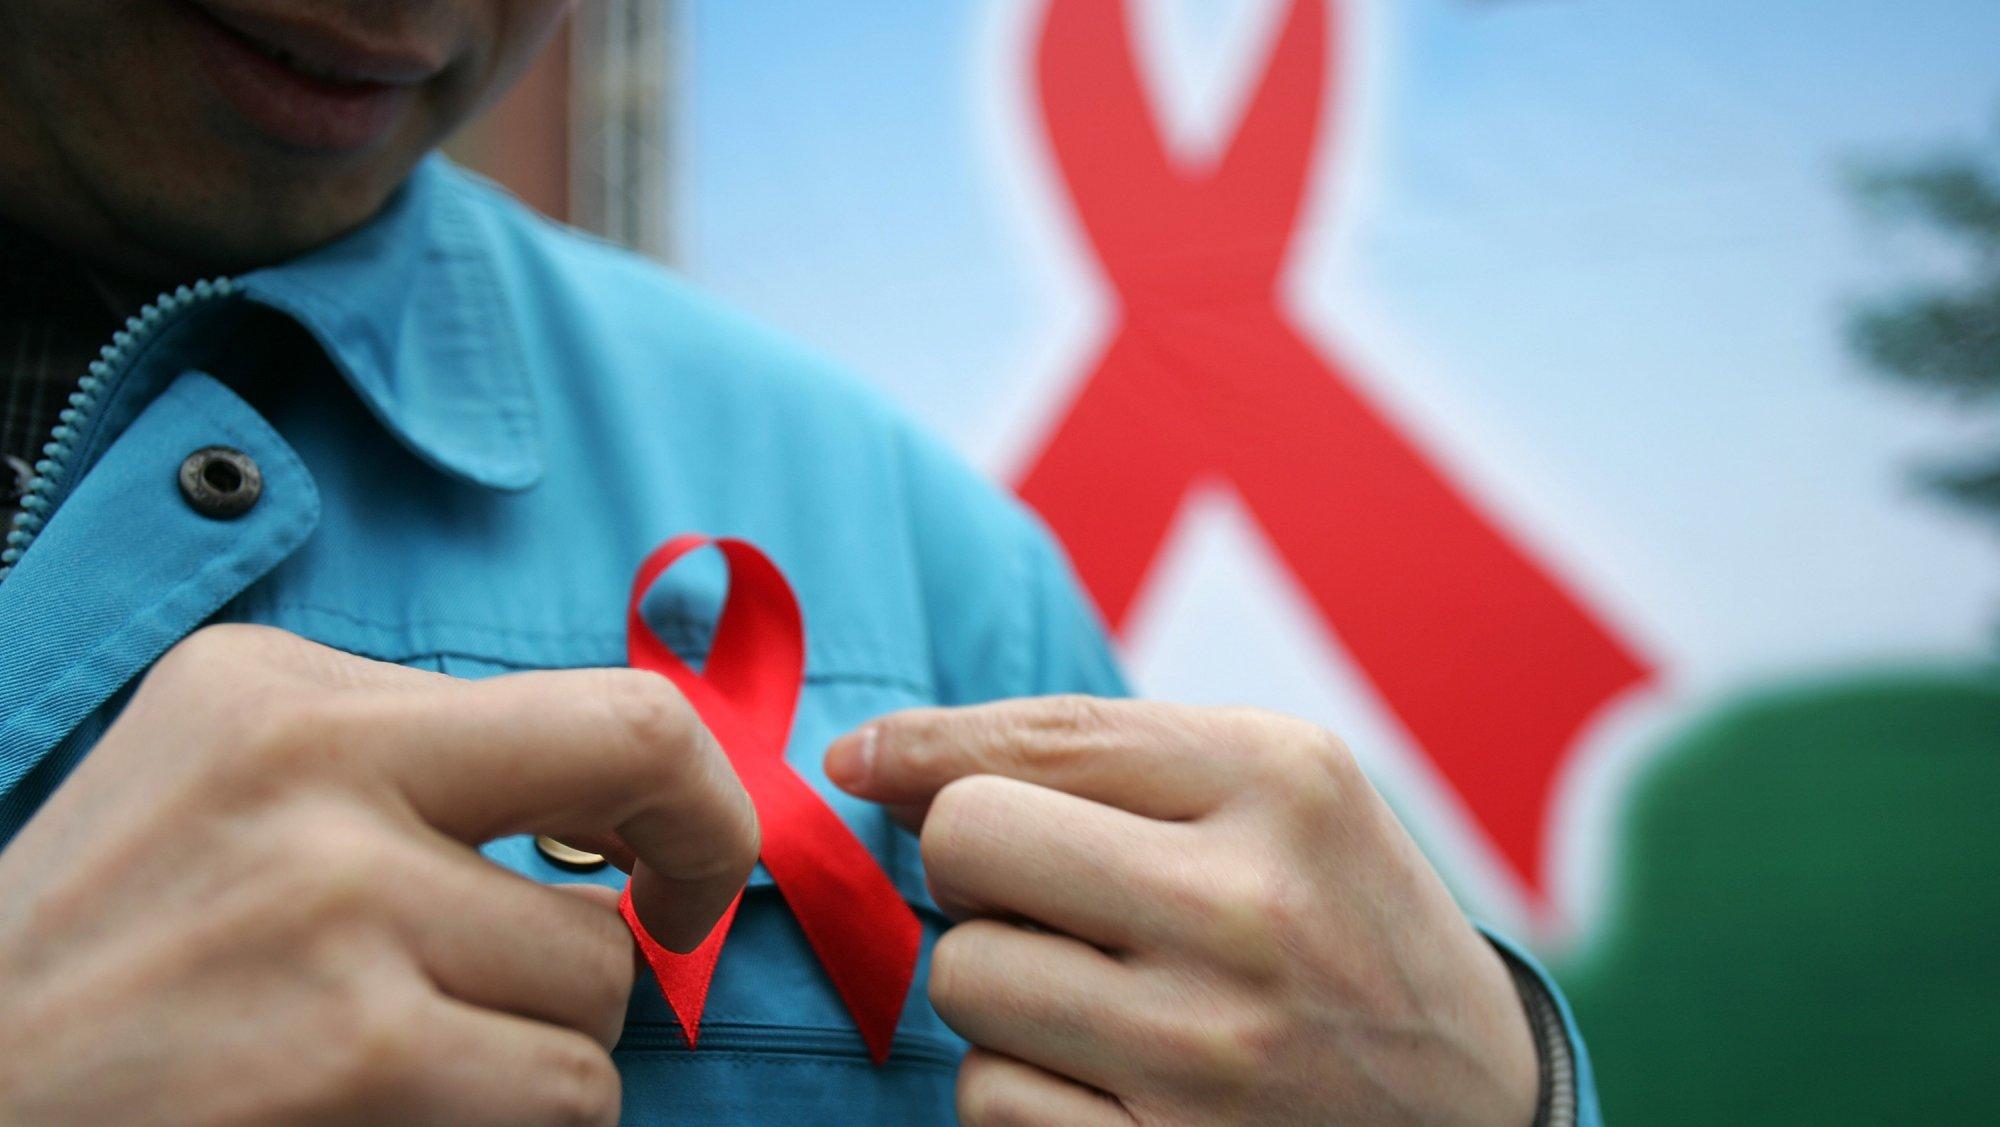 Saude: A pesquisa de quatro décadas por uma vacina contra O VIH alcançou uma nova esperança